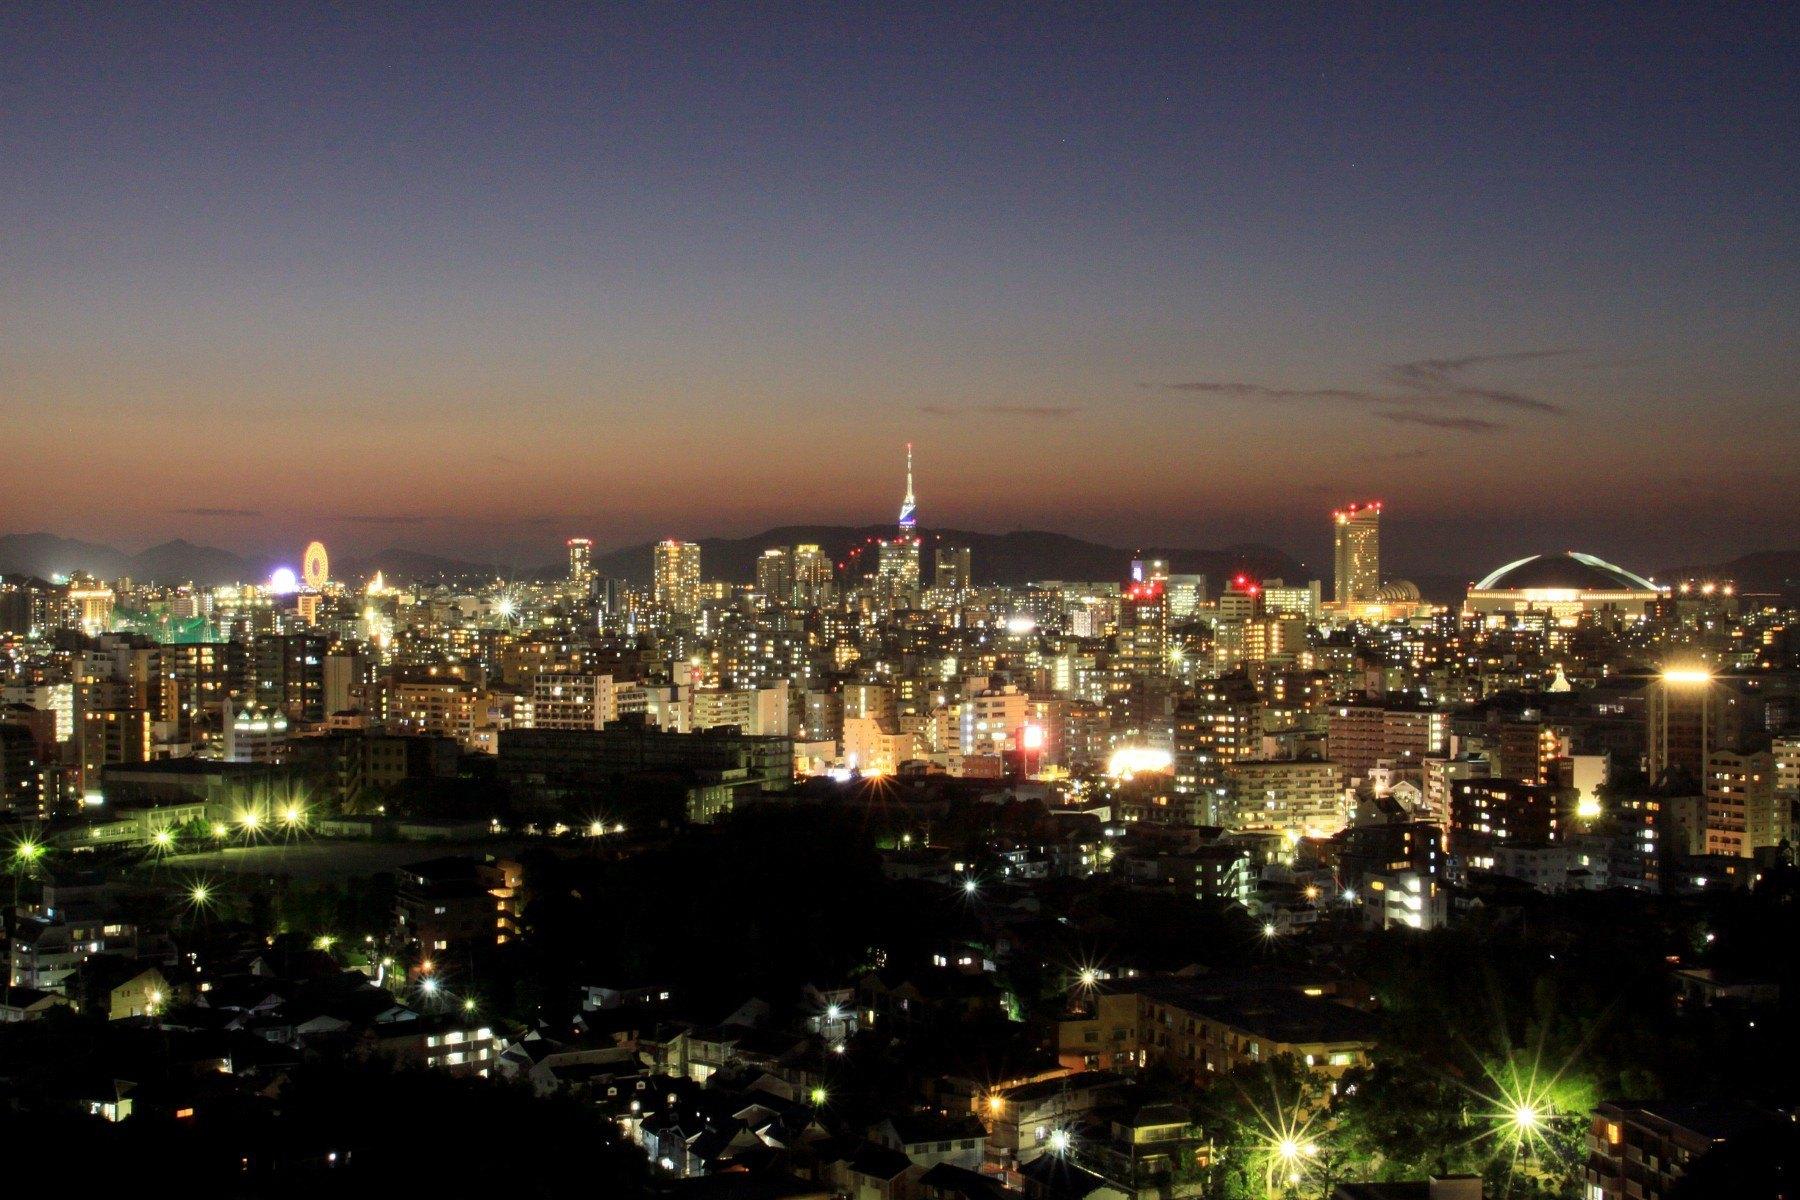 福岡市夜景(2009)の画像